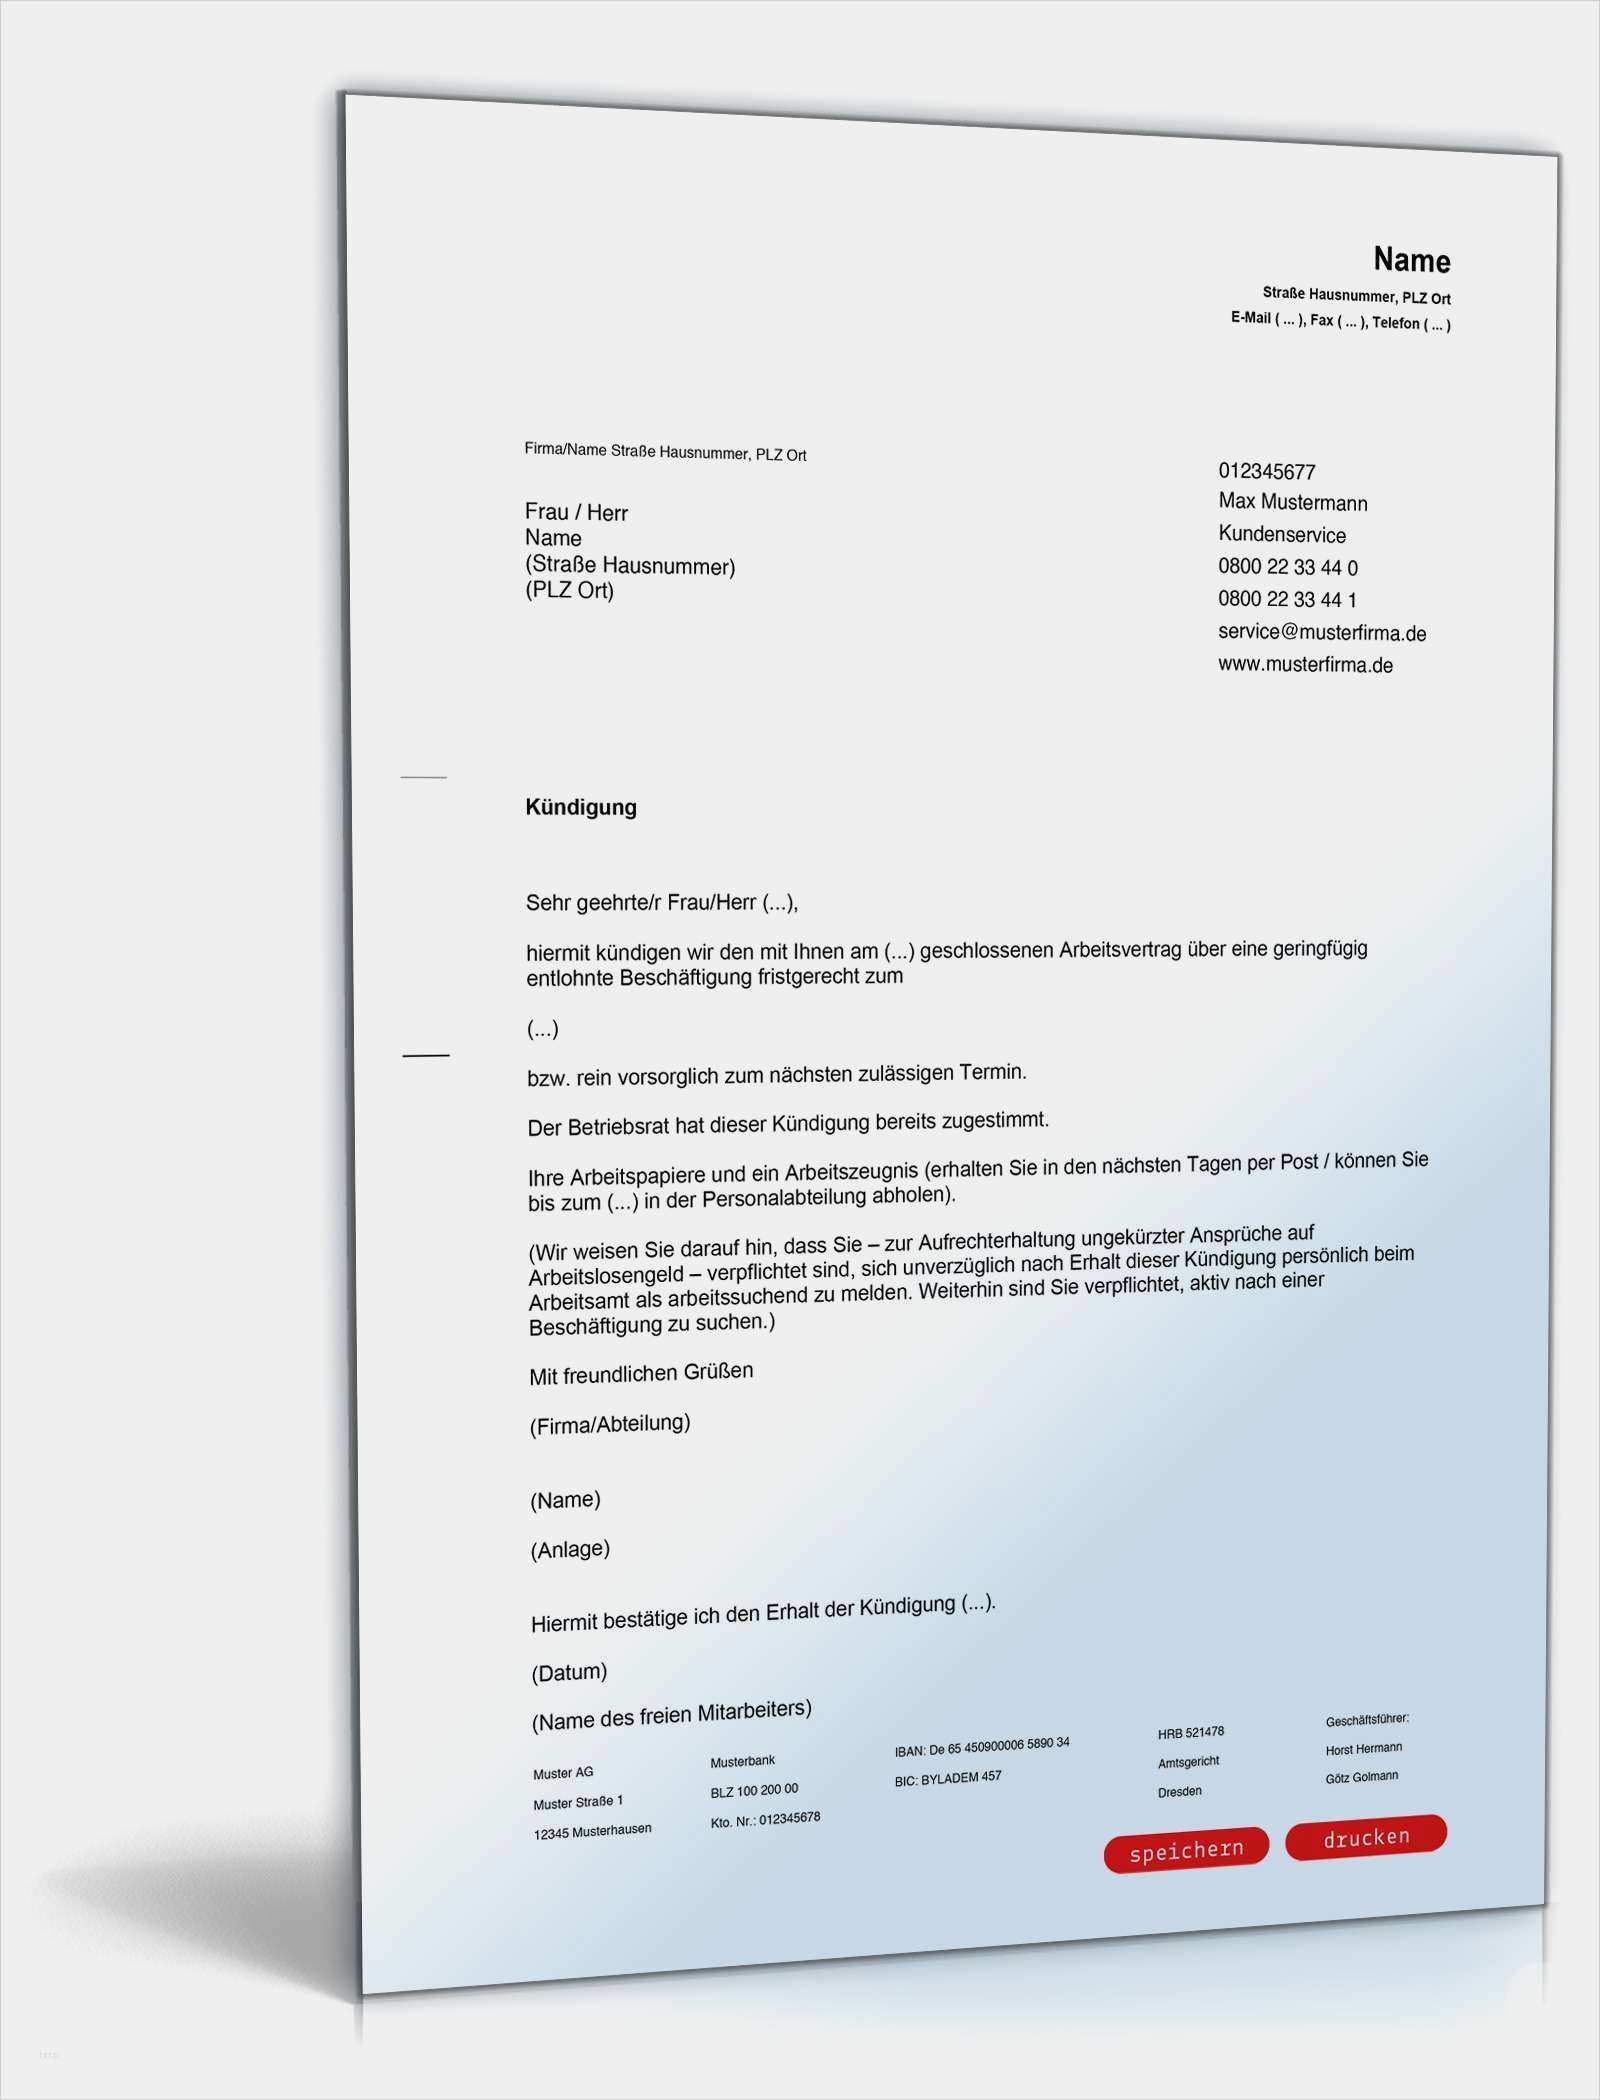 34 Schonste 400 Euro Job Kundigung Vorlage Galerie Finanzen Finanzamt Lebenslauf